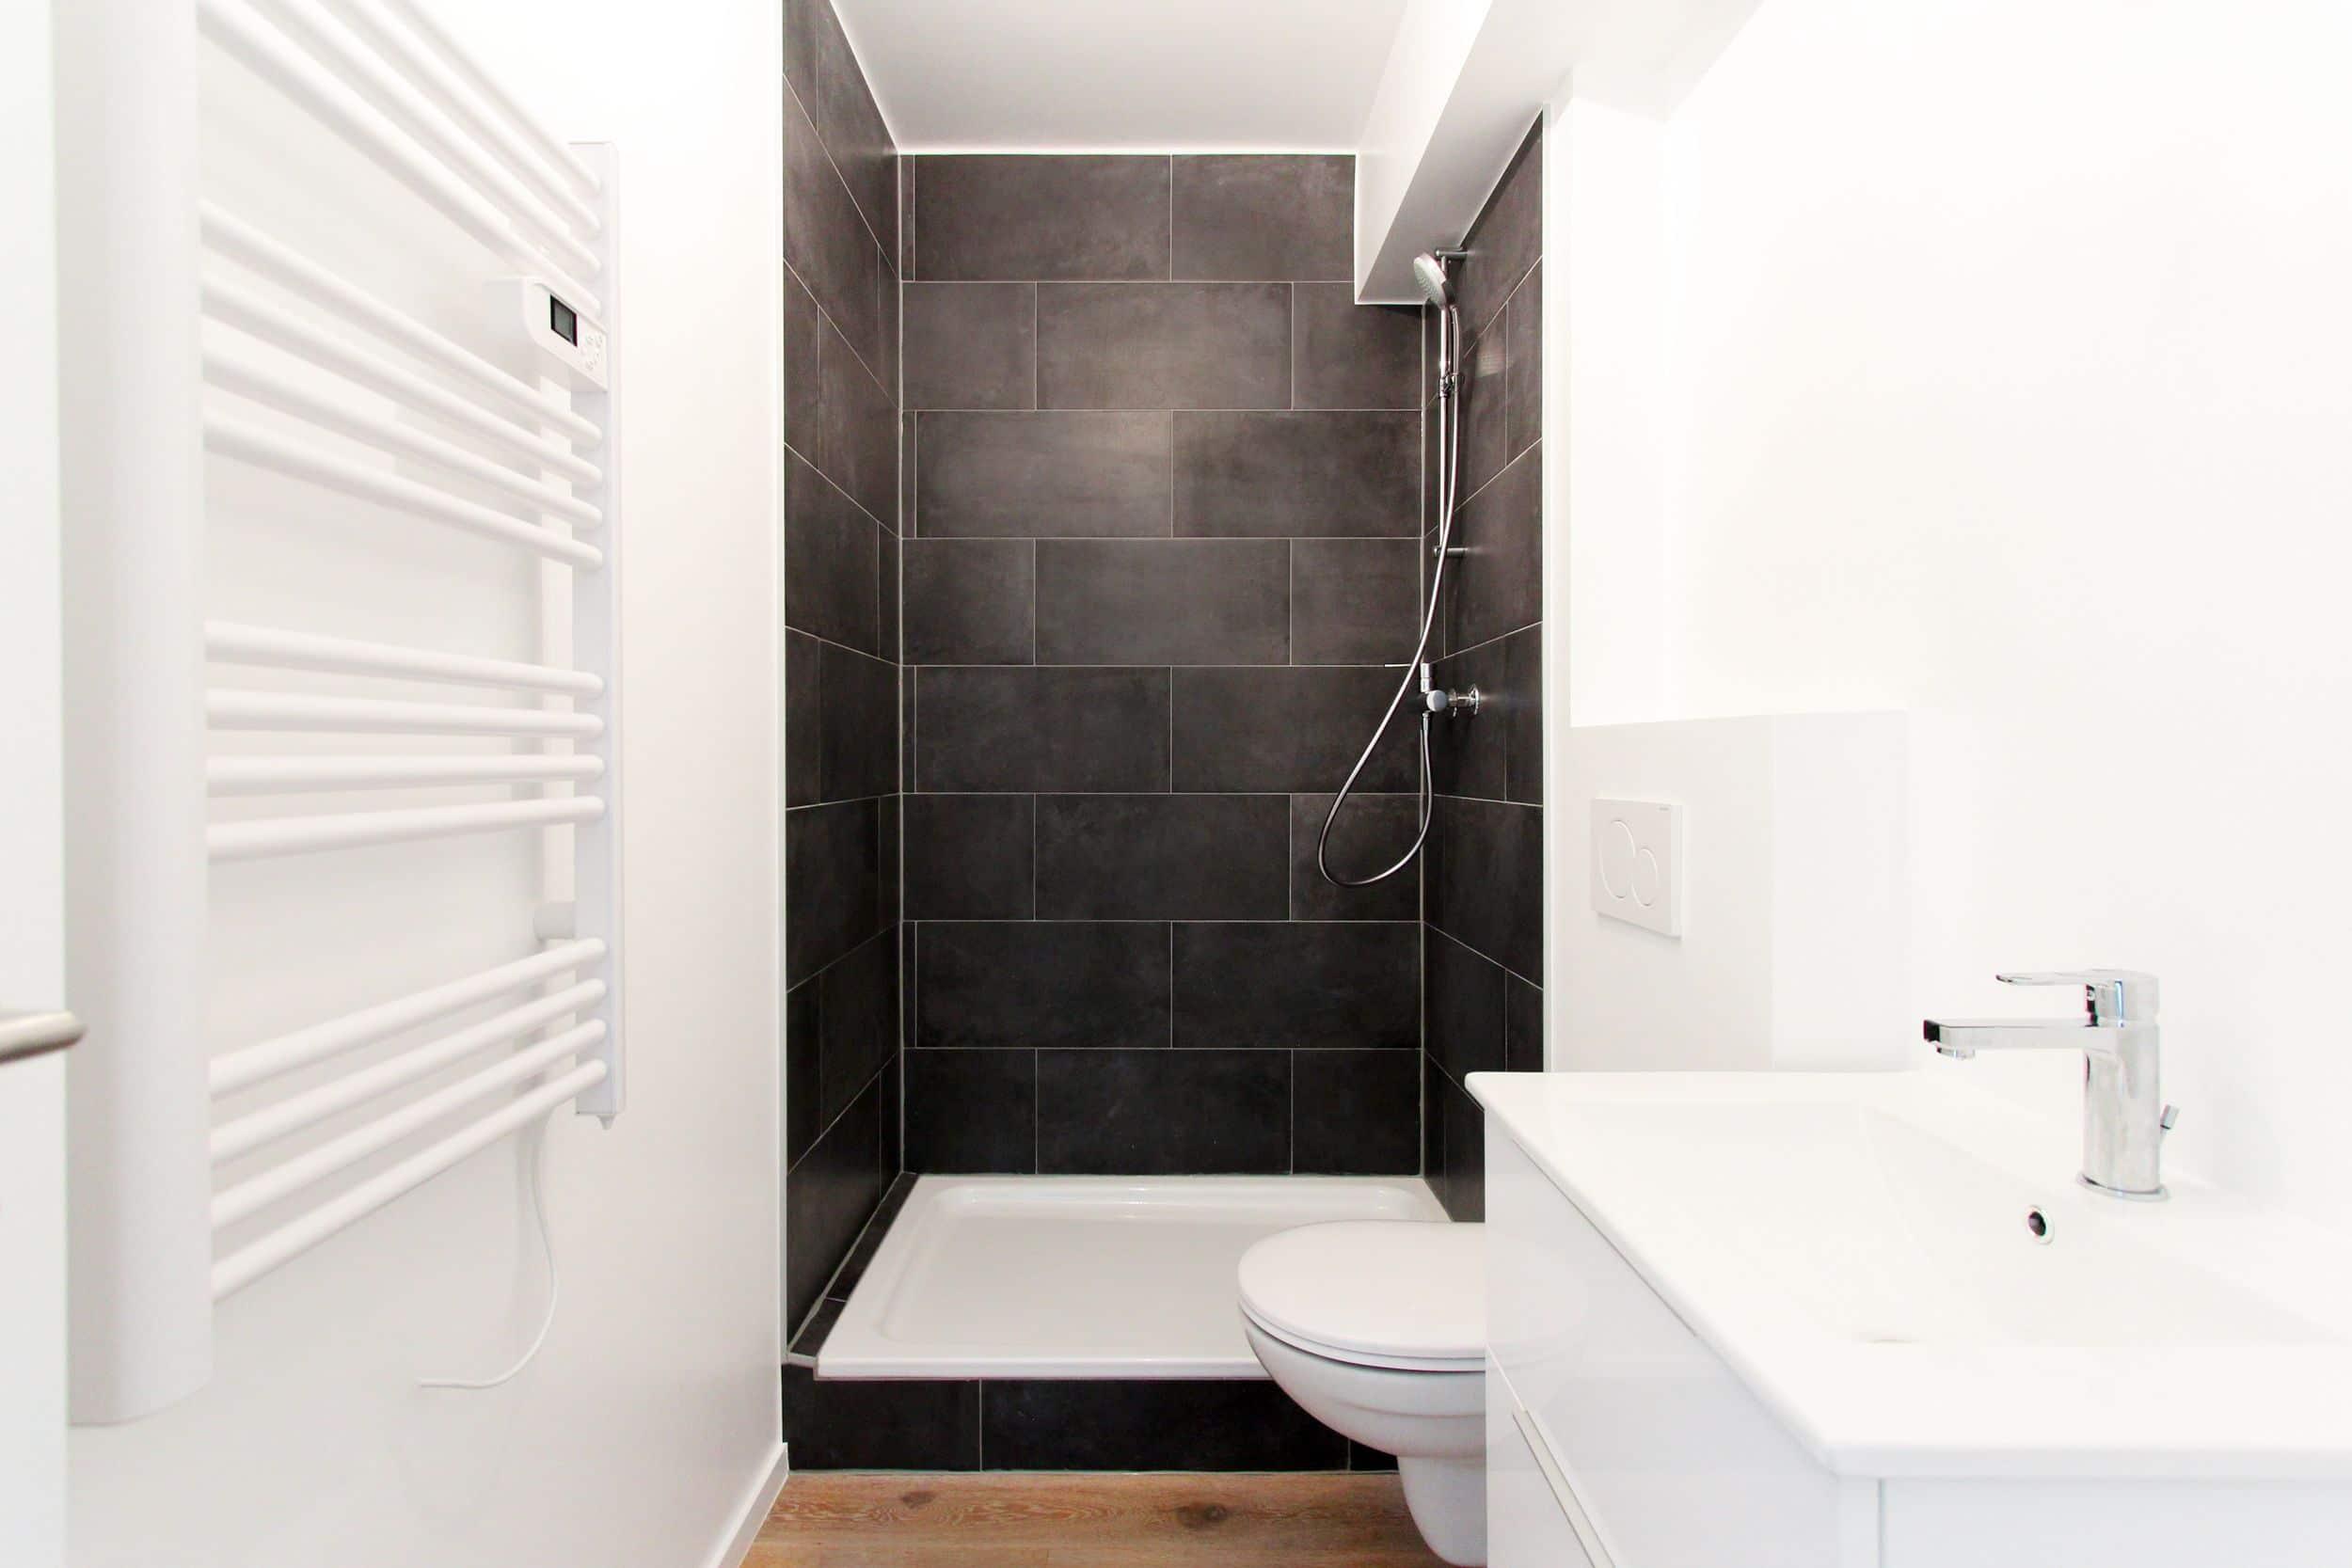 Réalisation agrandissement salle de bain